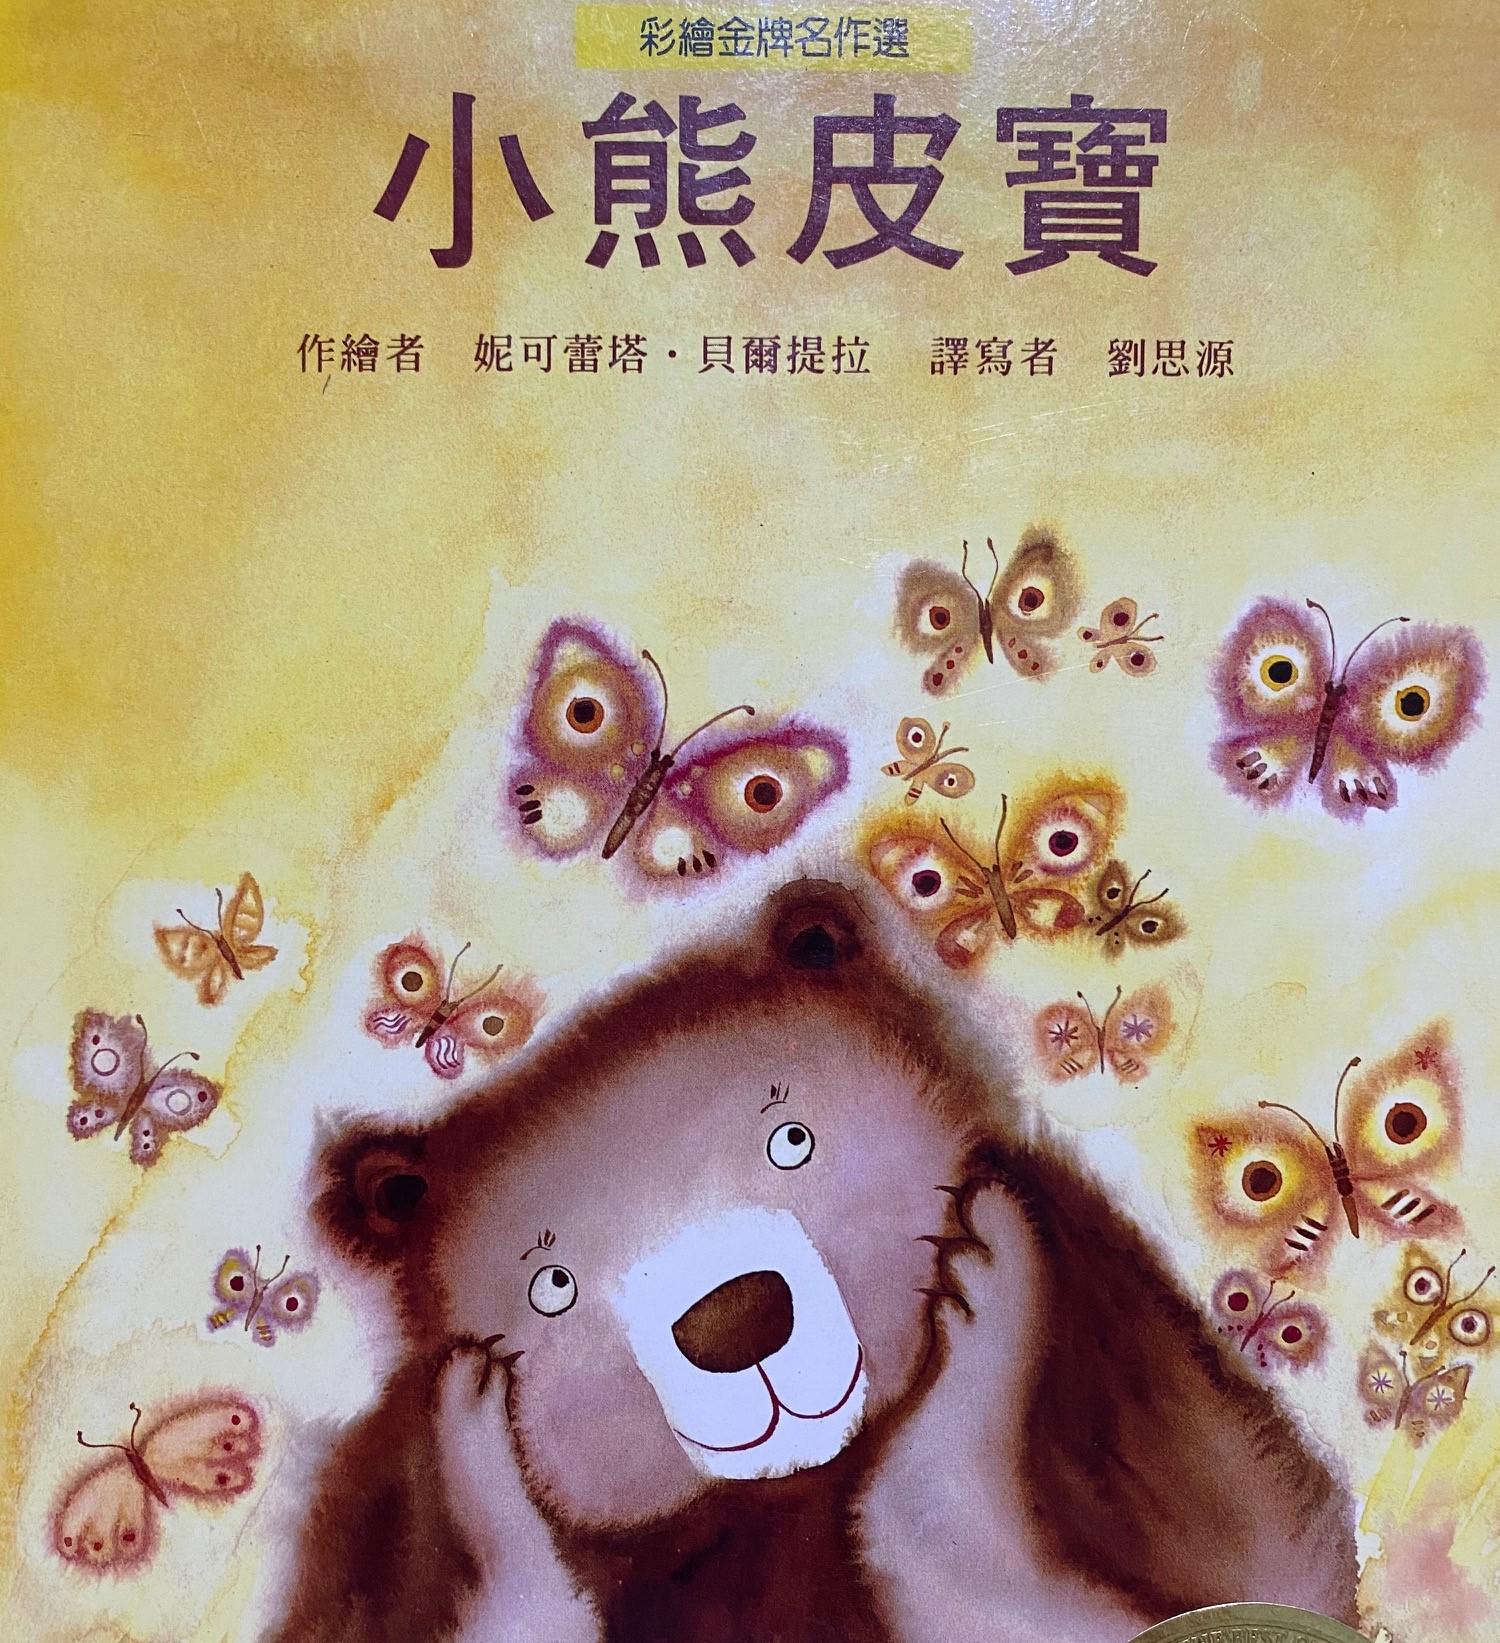 小熊皮寶 (妮可蕾塔.貝爾提拉/智茂圖書)